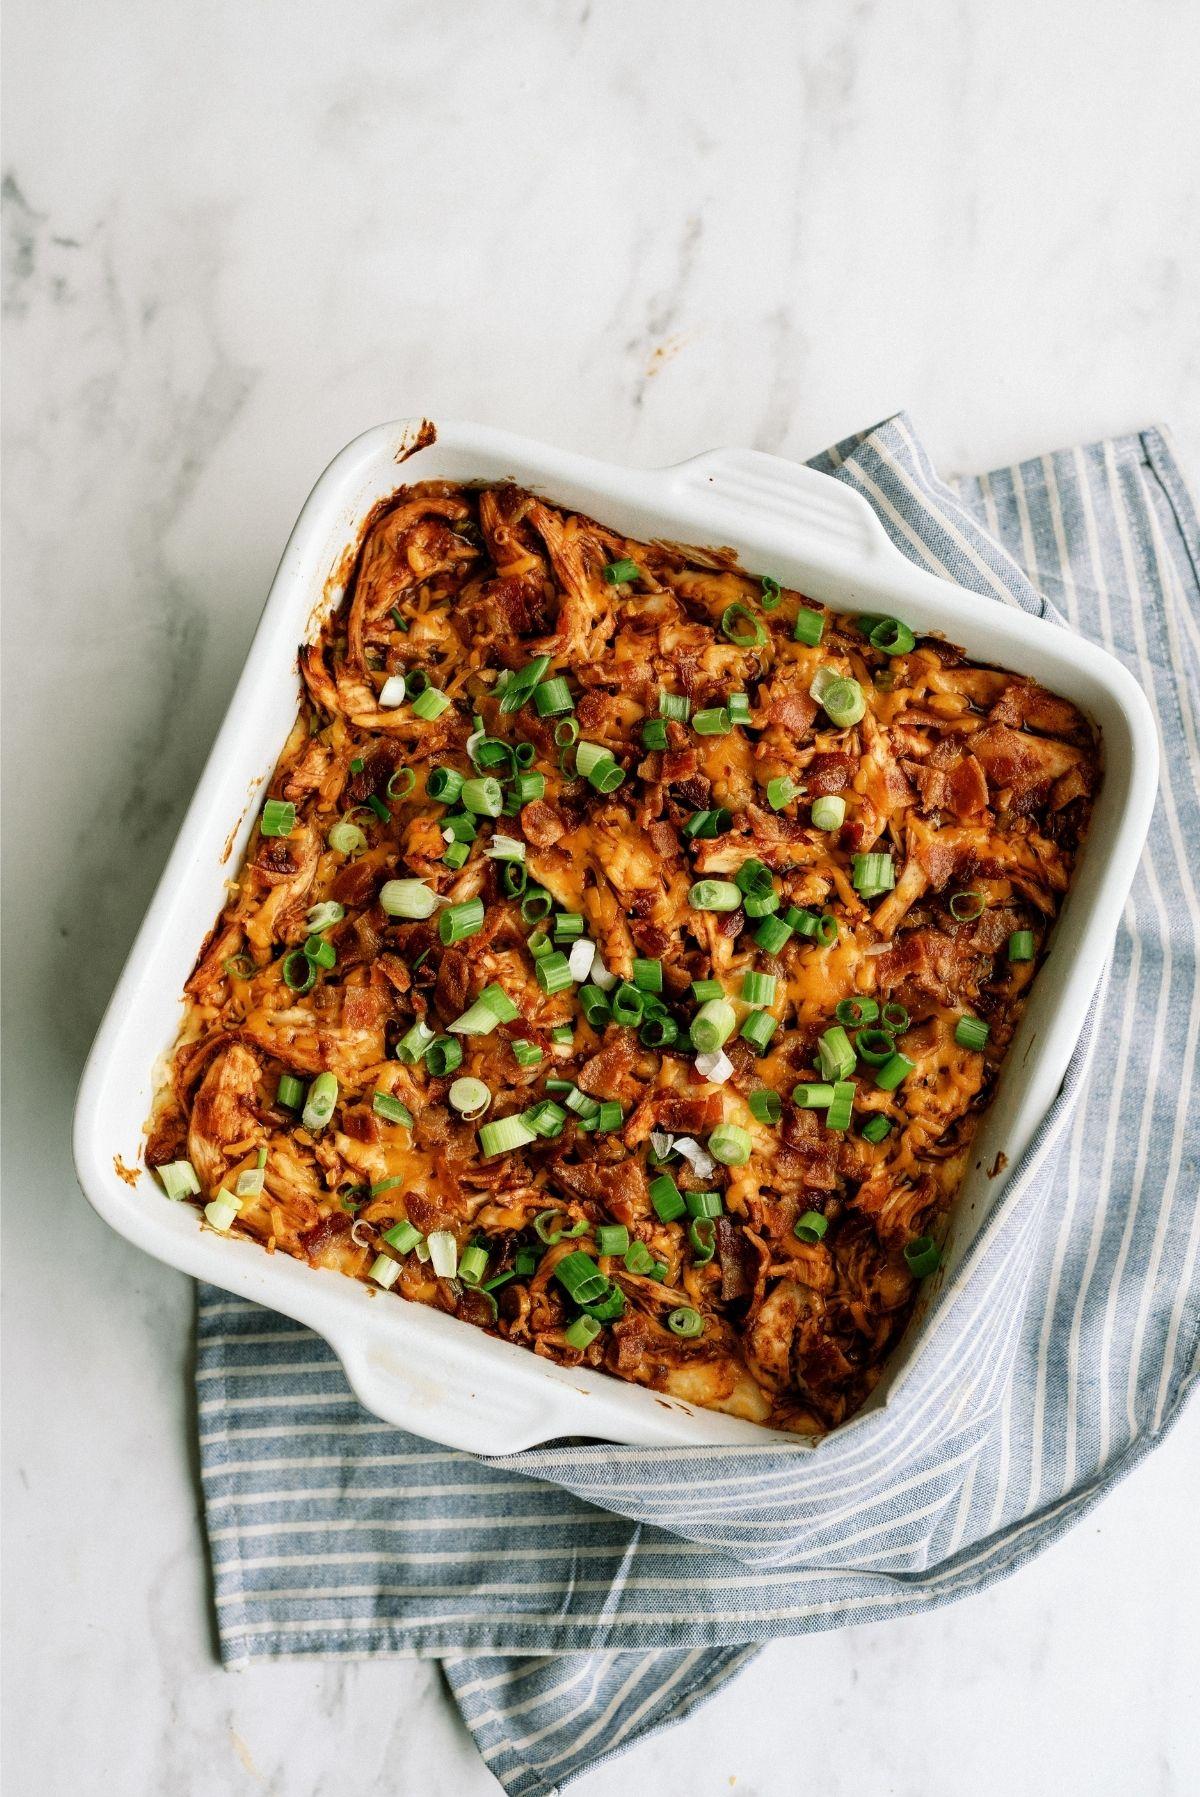 BBQ Chicken and Potato Casserole Recipe